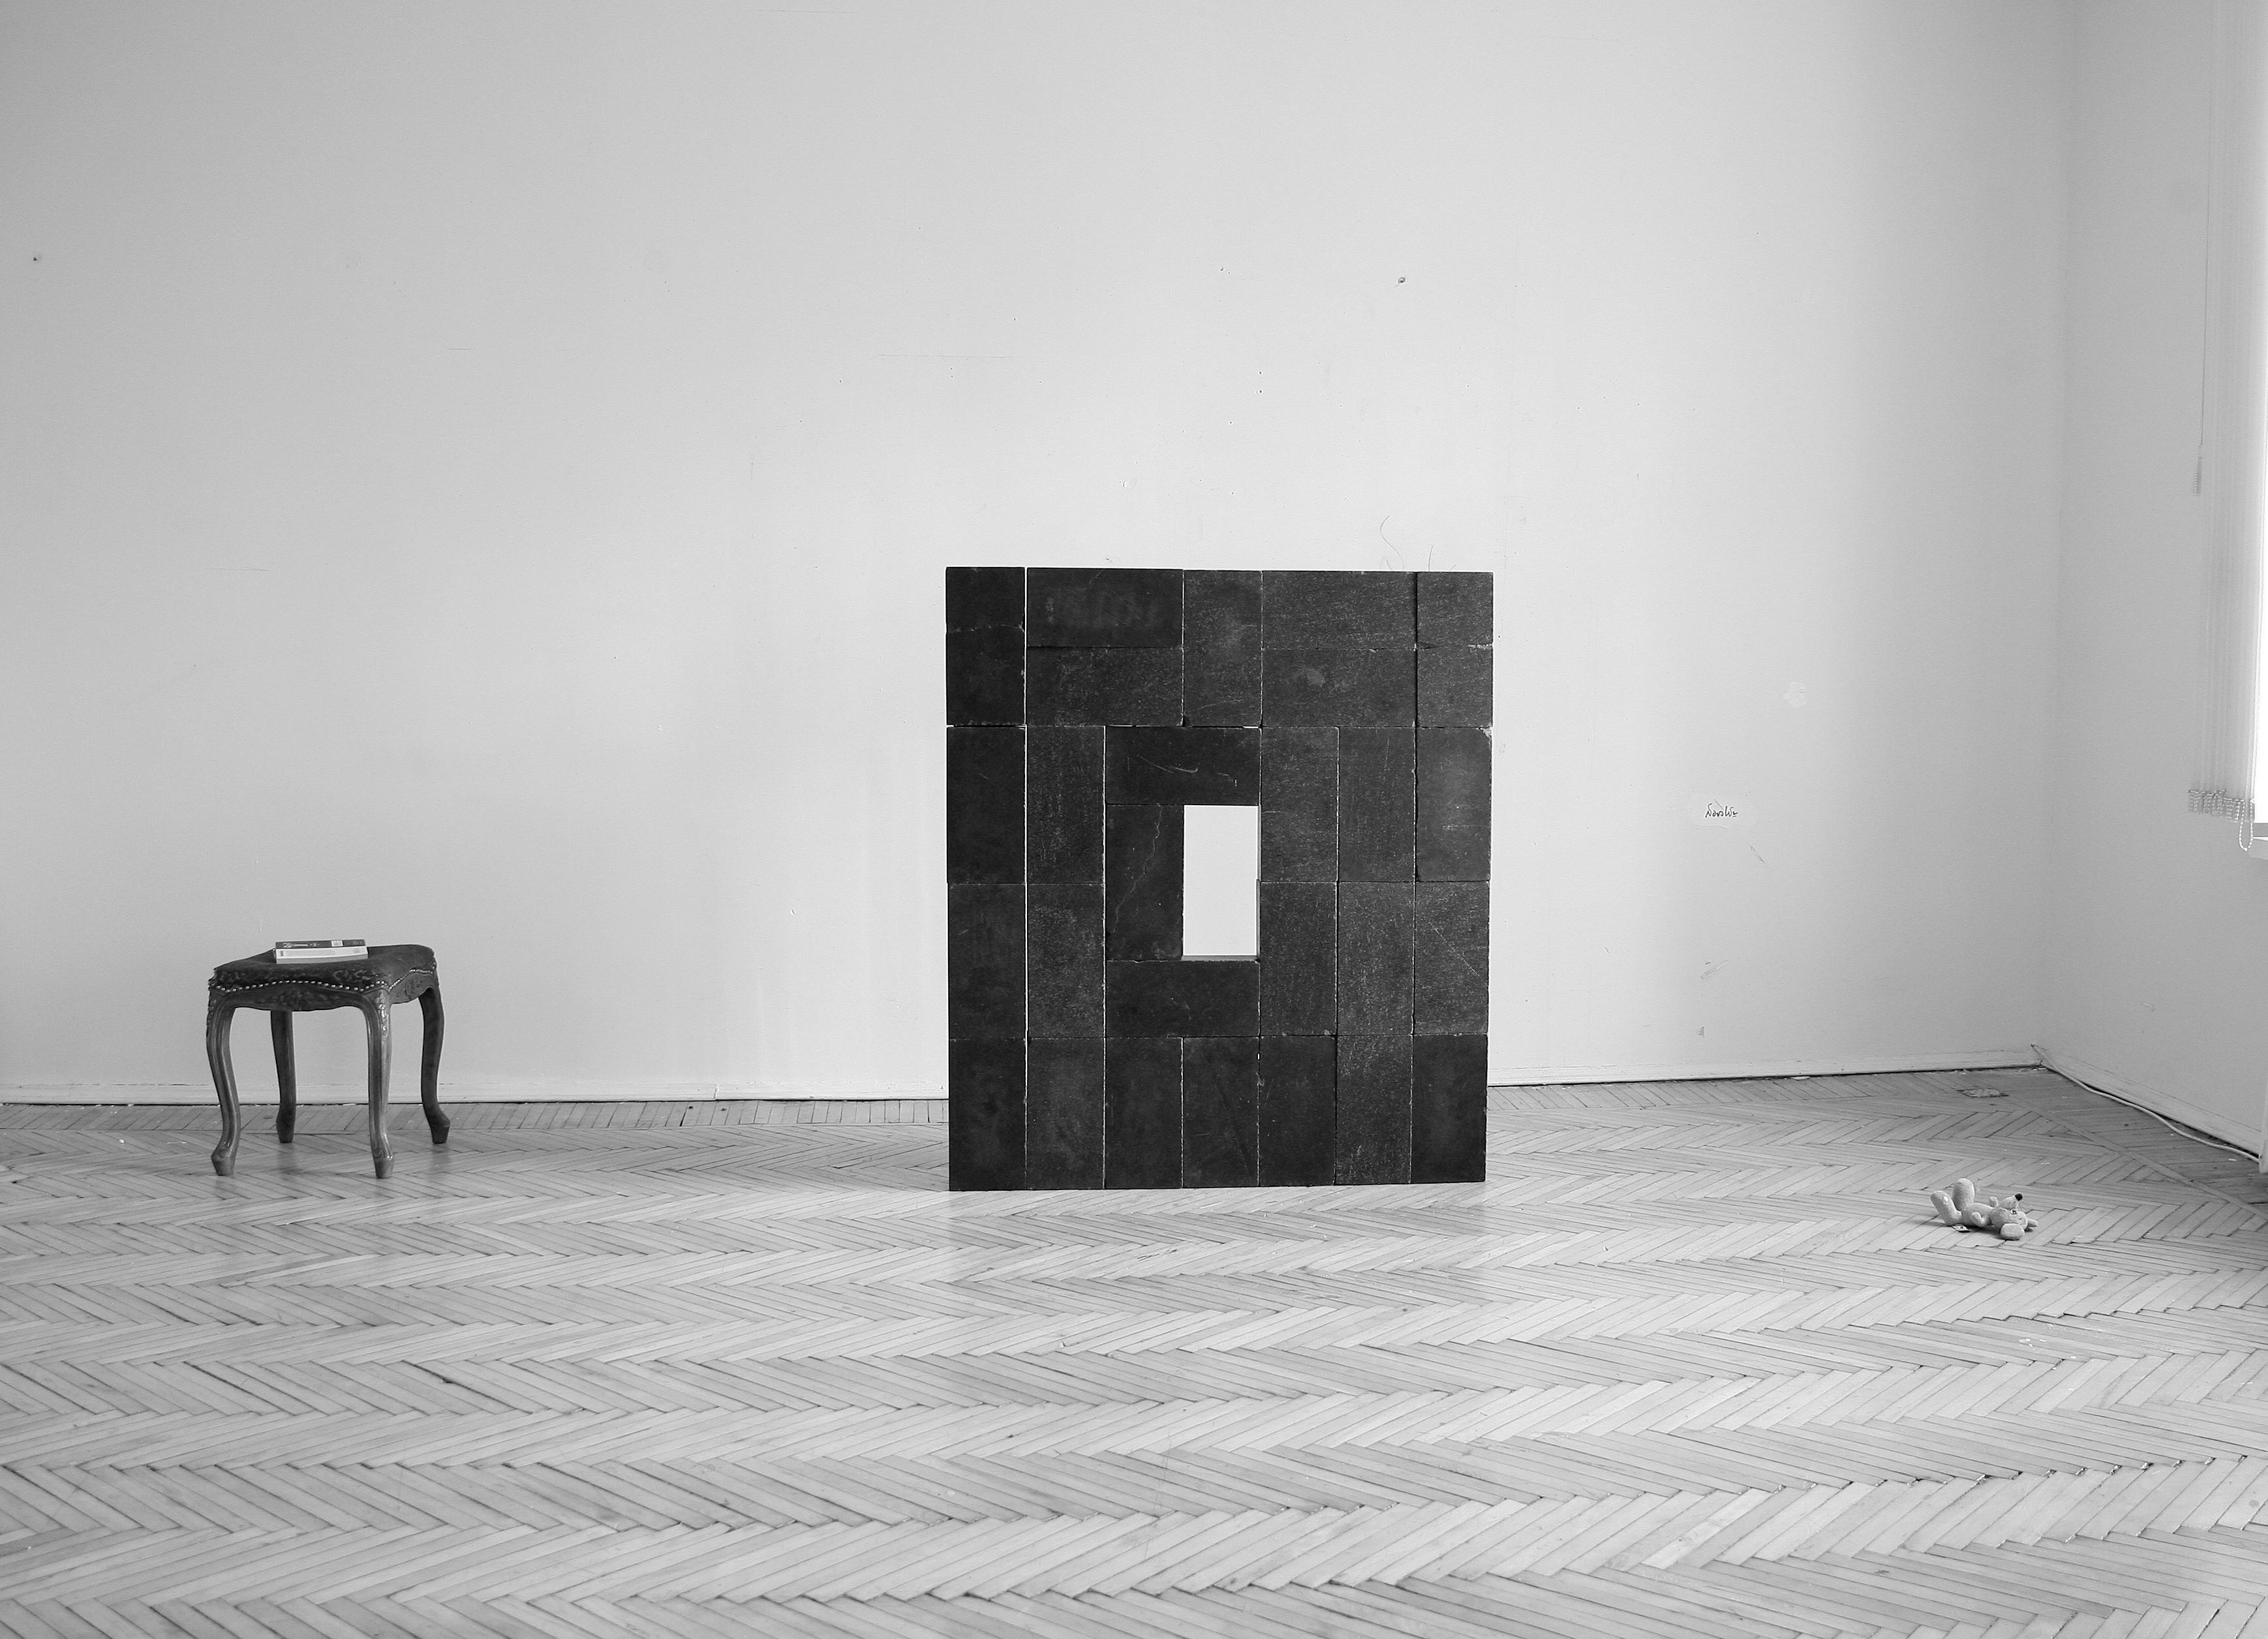 Sfondi bw arte scultura sculture scultura oggetto for Oggetti minimal